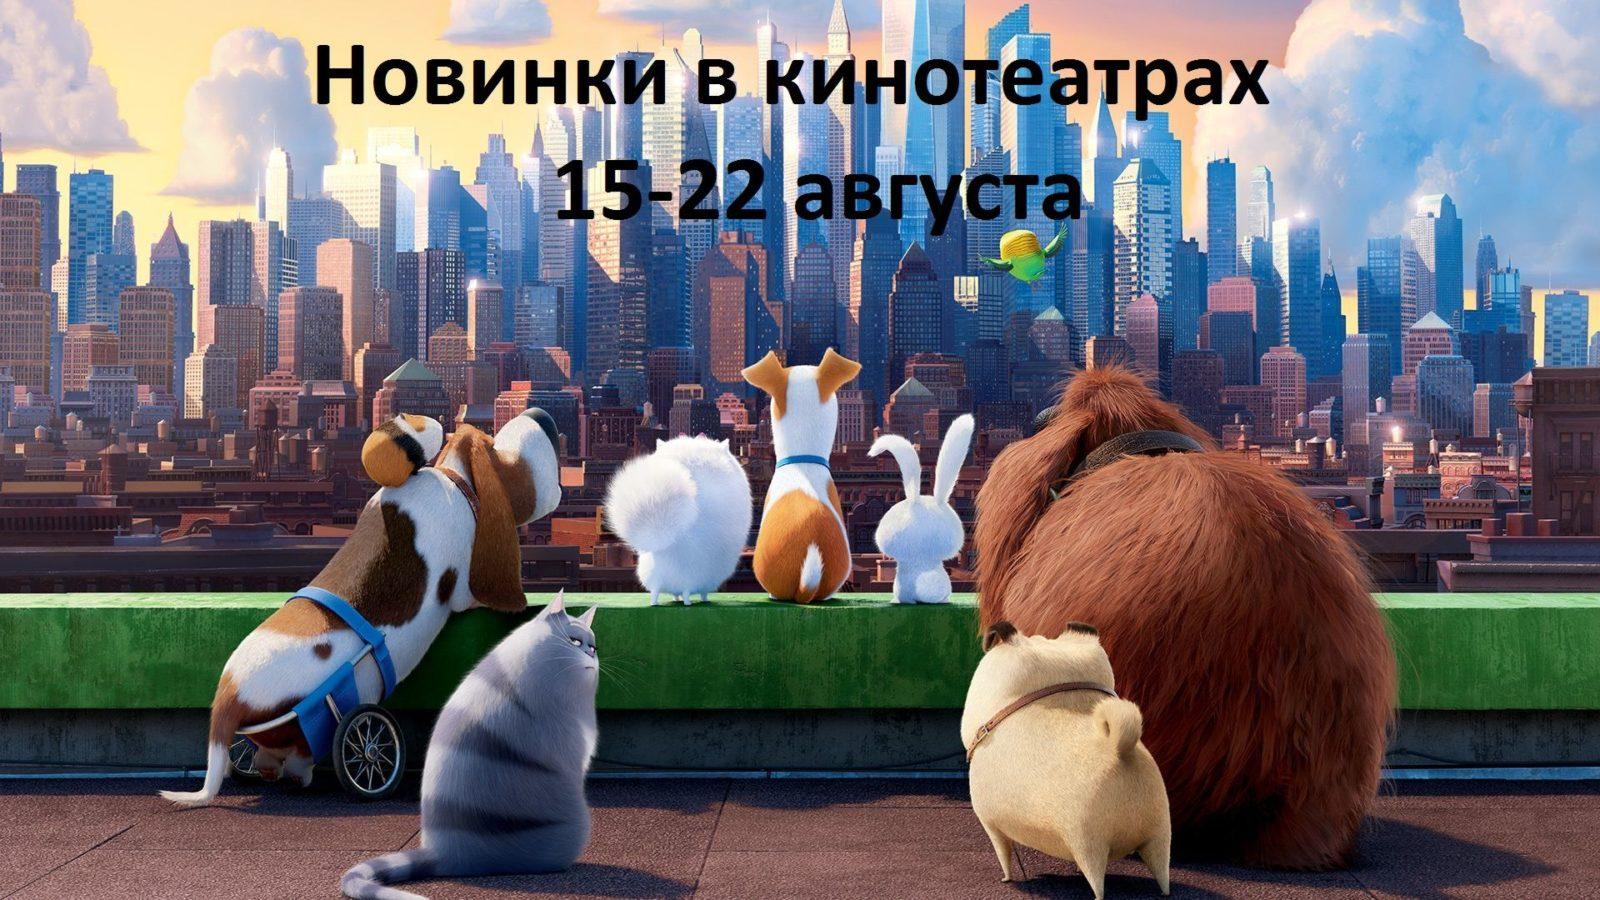 Фильмы 2016 — новинки: что посмотреть в кинотеатрах в августе (15-22 августа)